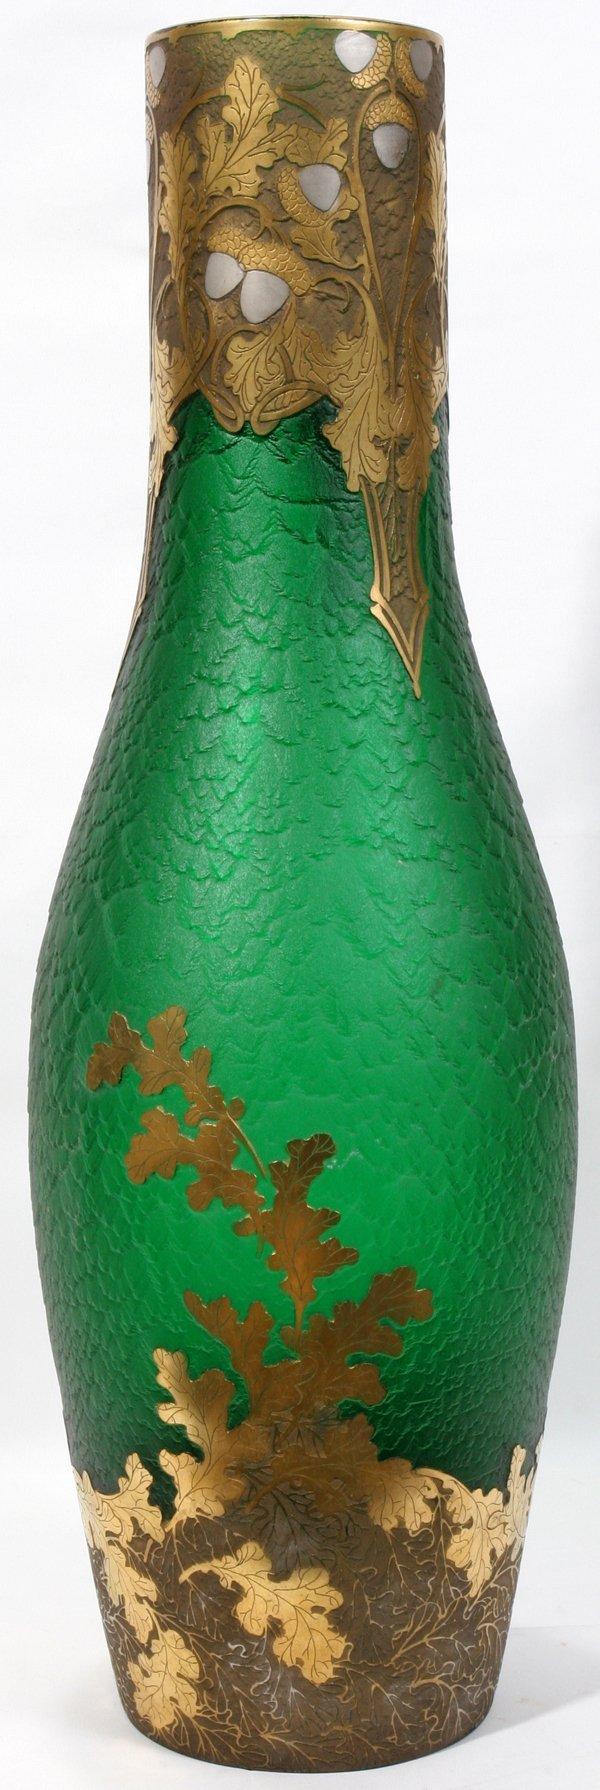 072011: LEGRAS ART NOUVEAU ACID CUT GREEN GLASS VASE